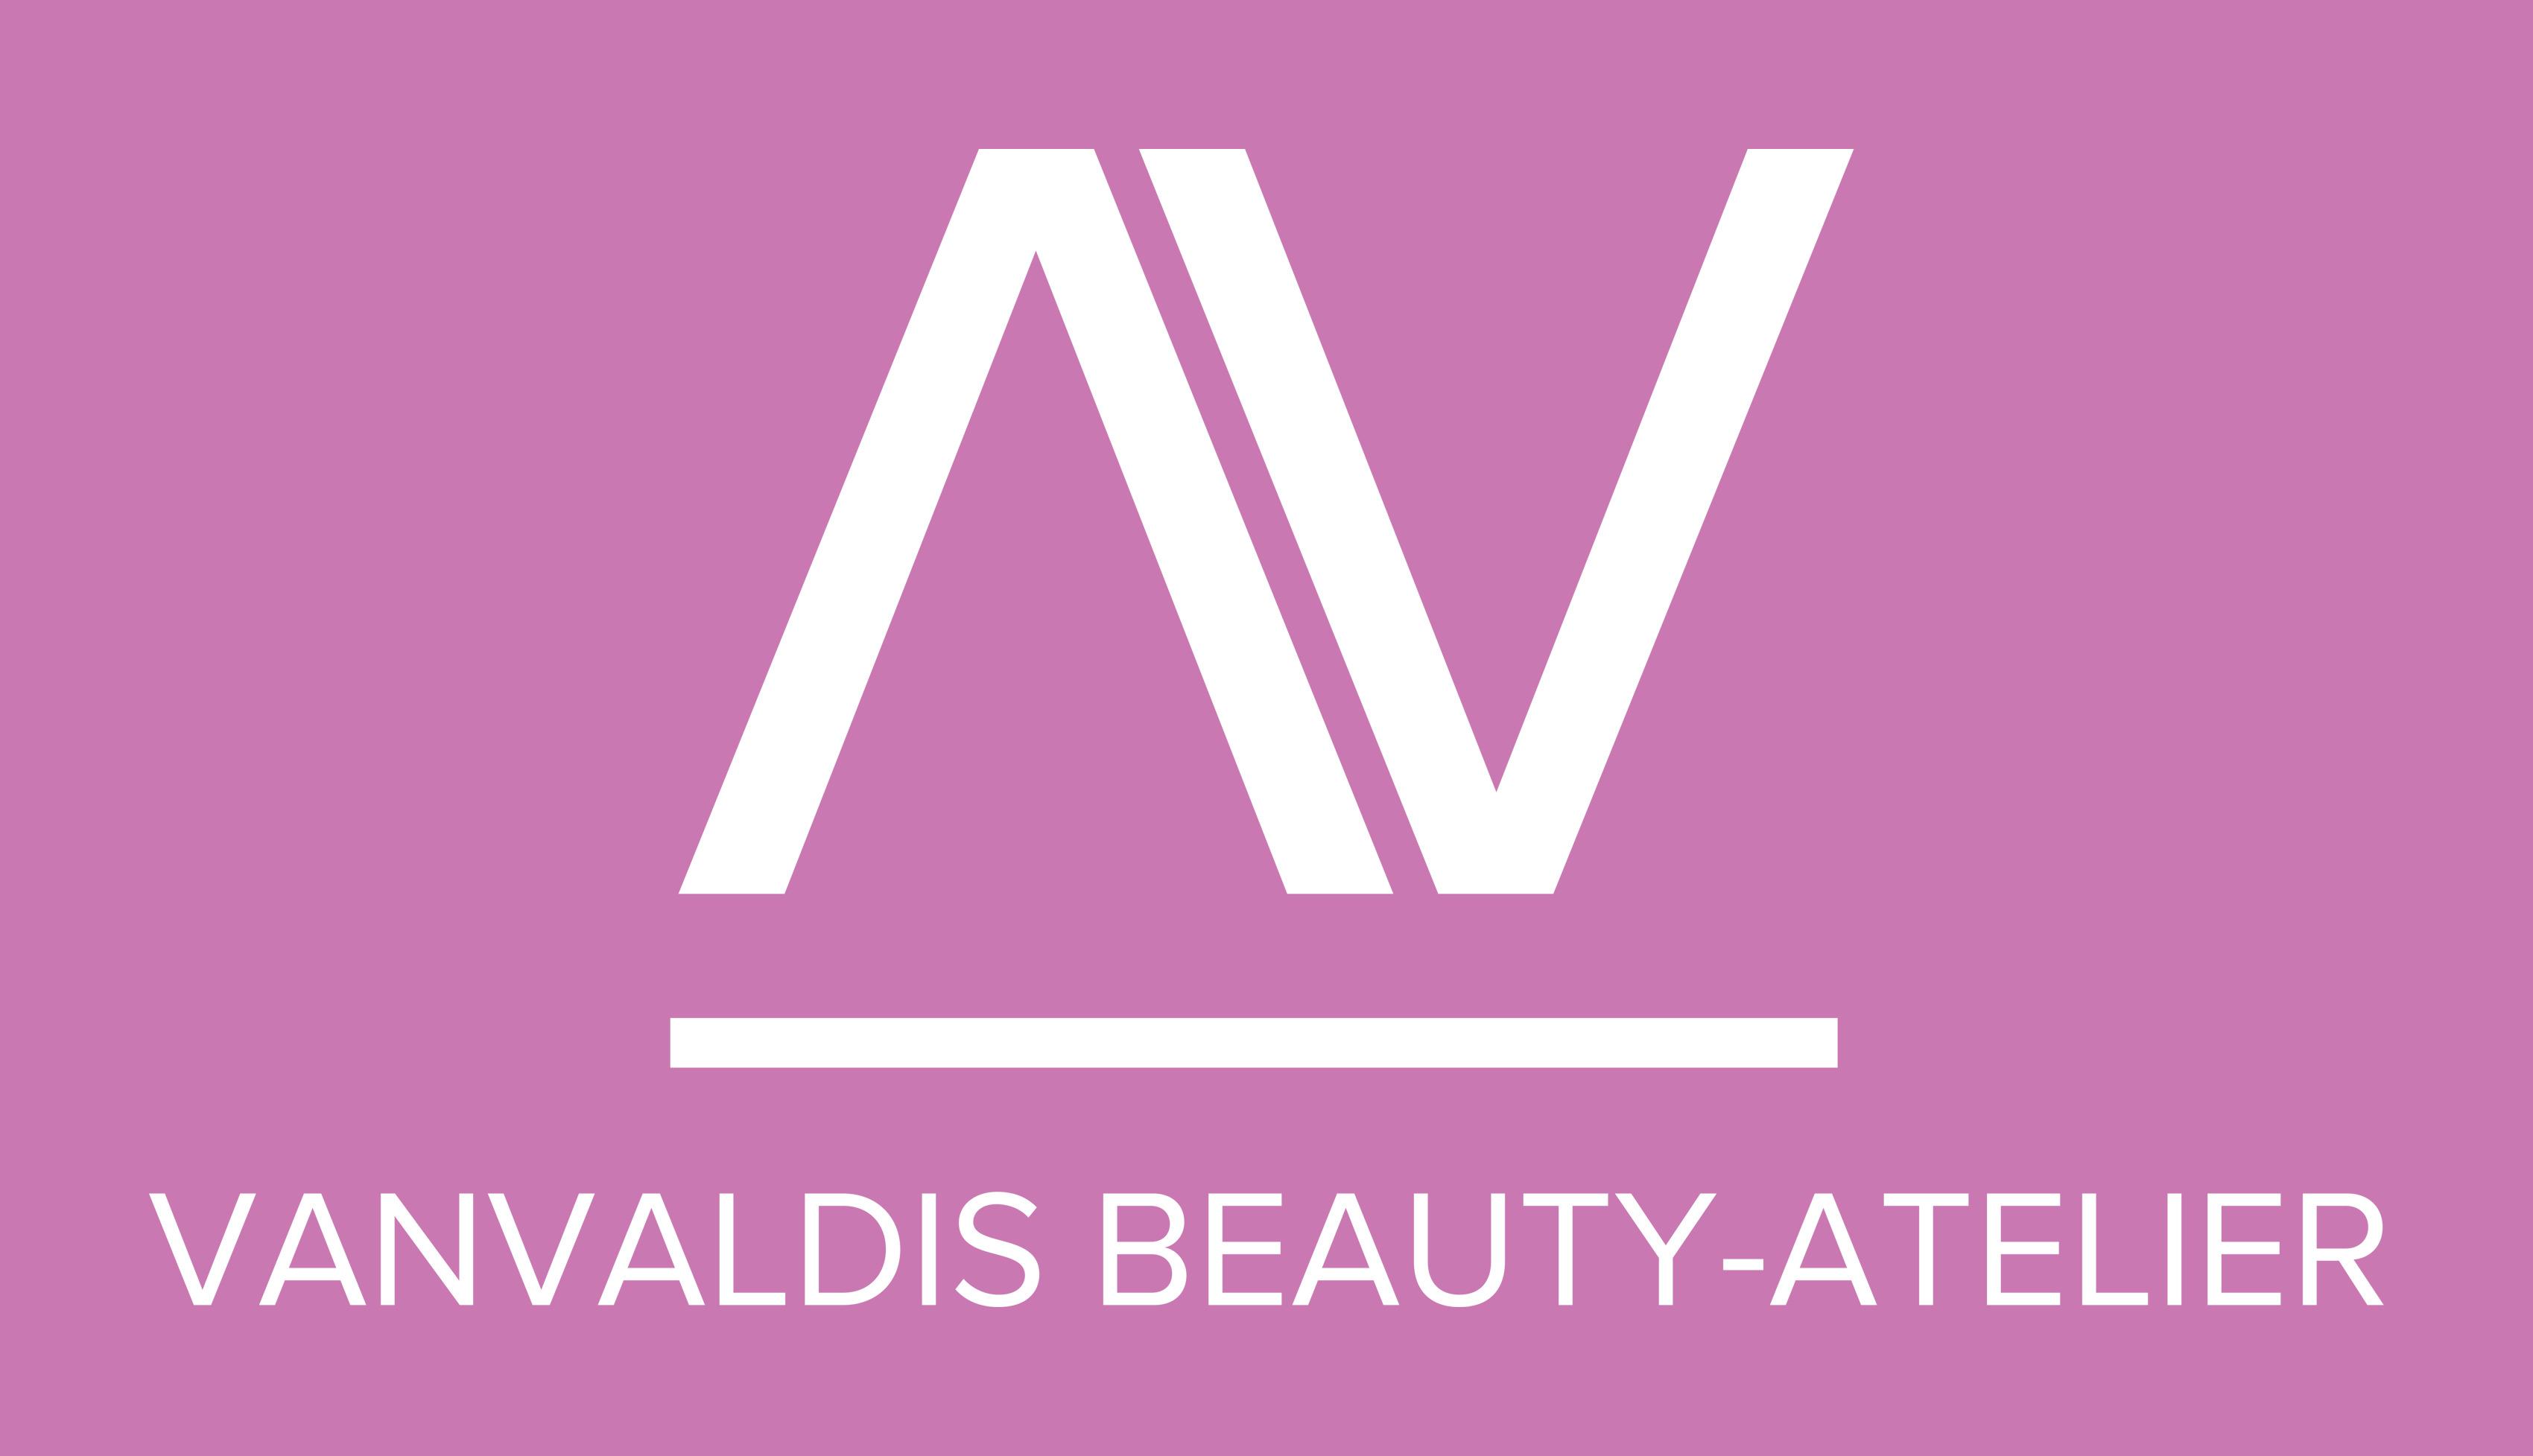 VanValdis Beauty-Atelier GmbH